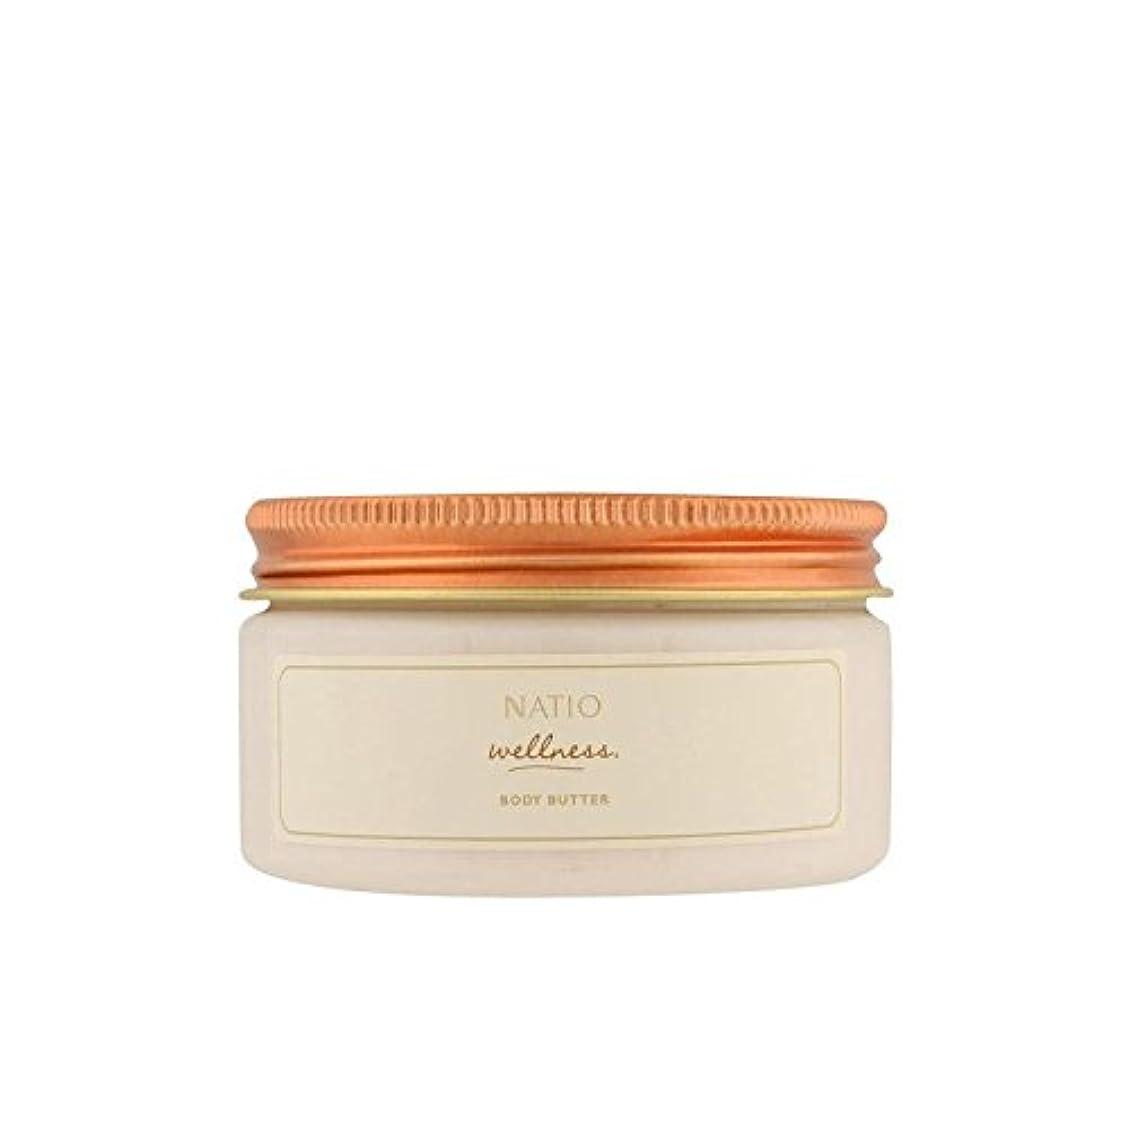 ディスク右気を散らすウェルネスボディバター(240グラム) x2 - Natio Wellness Body Butter (240g) (Pack of 2) [並行輸入品]